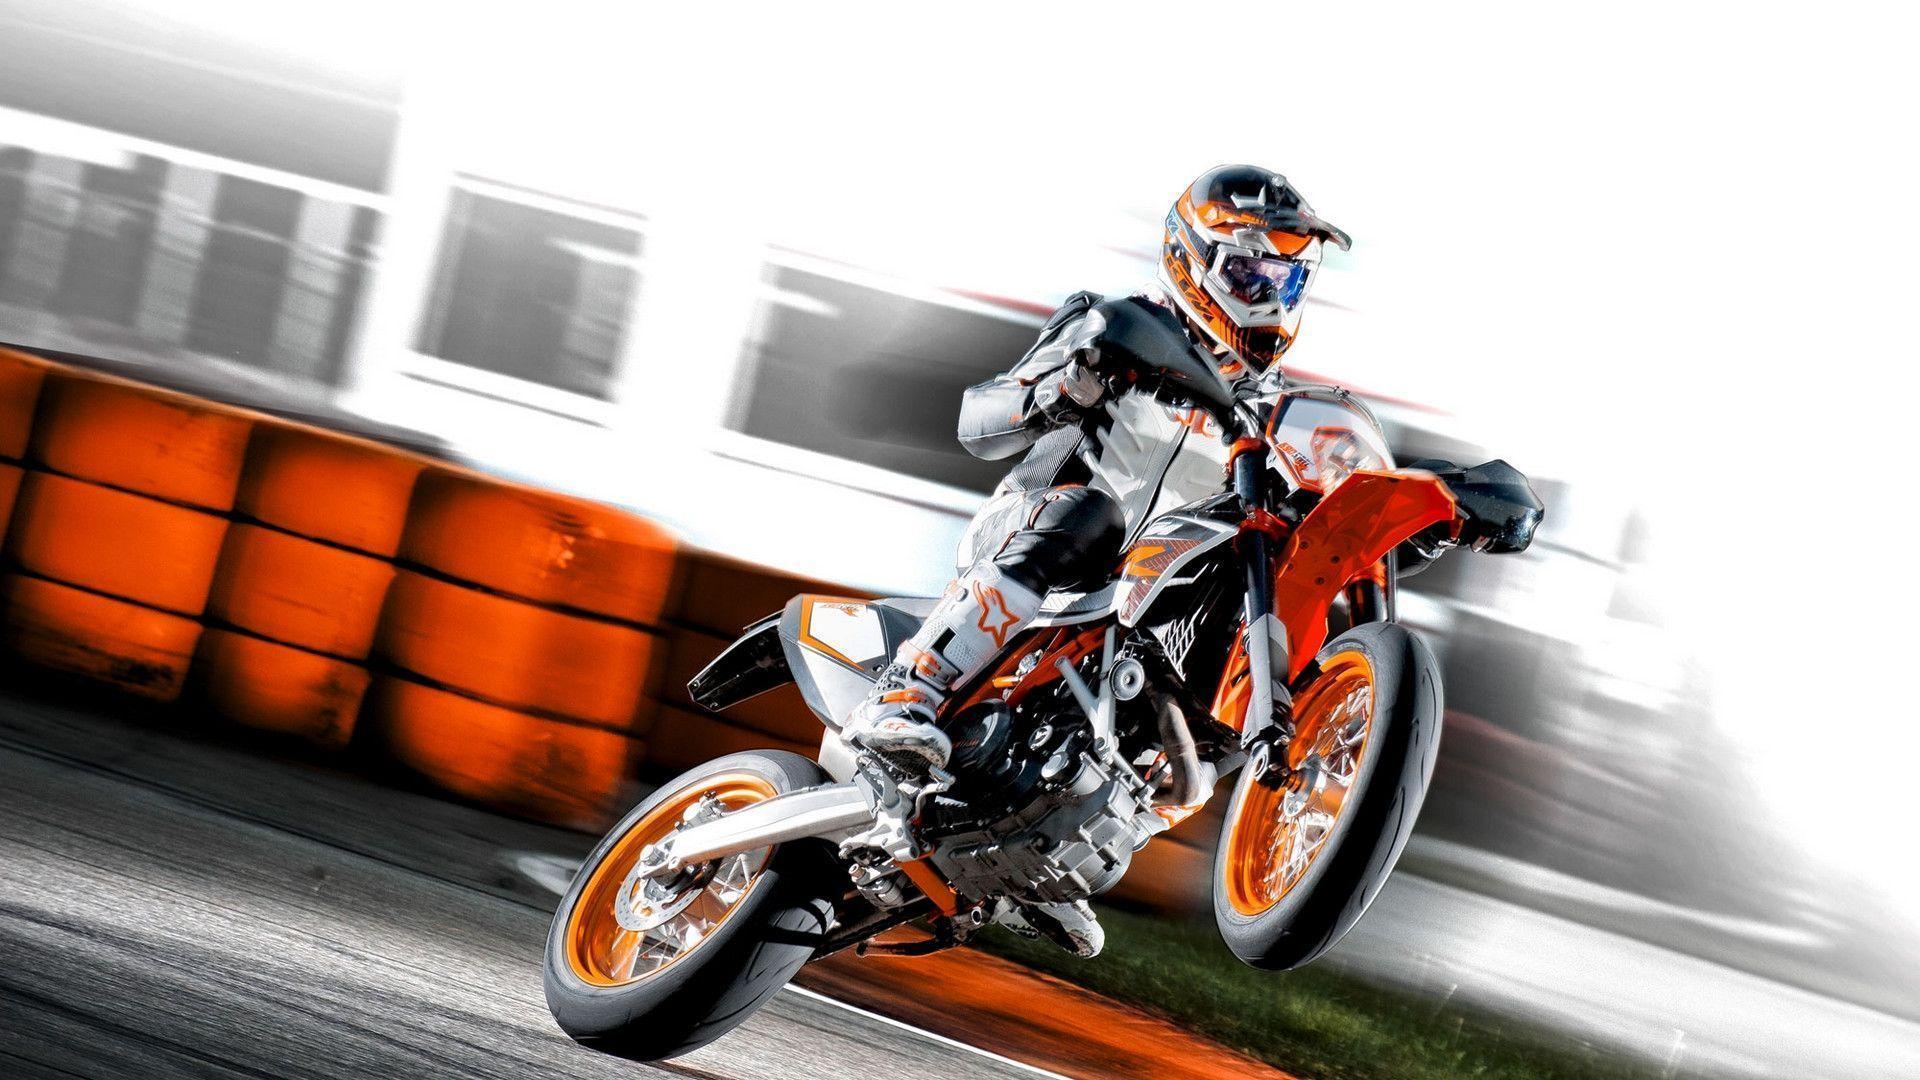 35 KTM Wallpapers | KTM Backgrounds